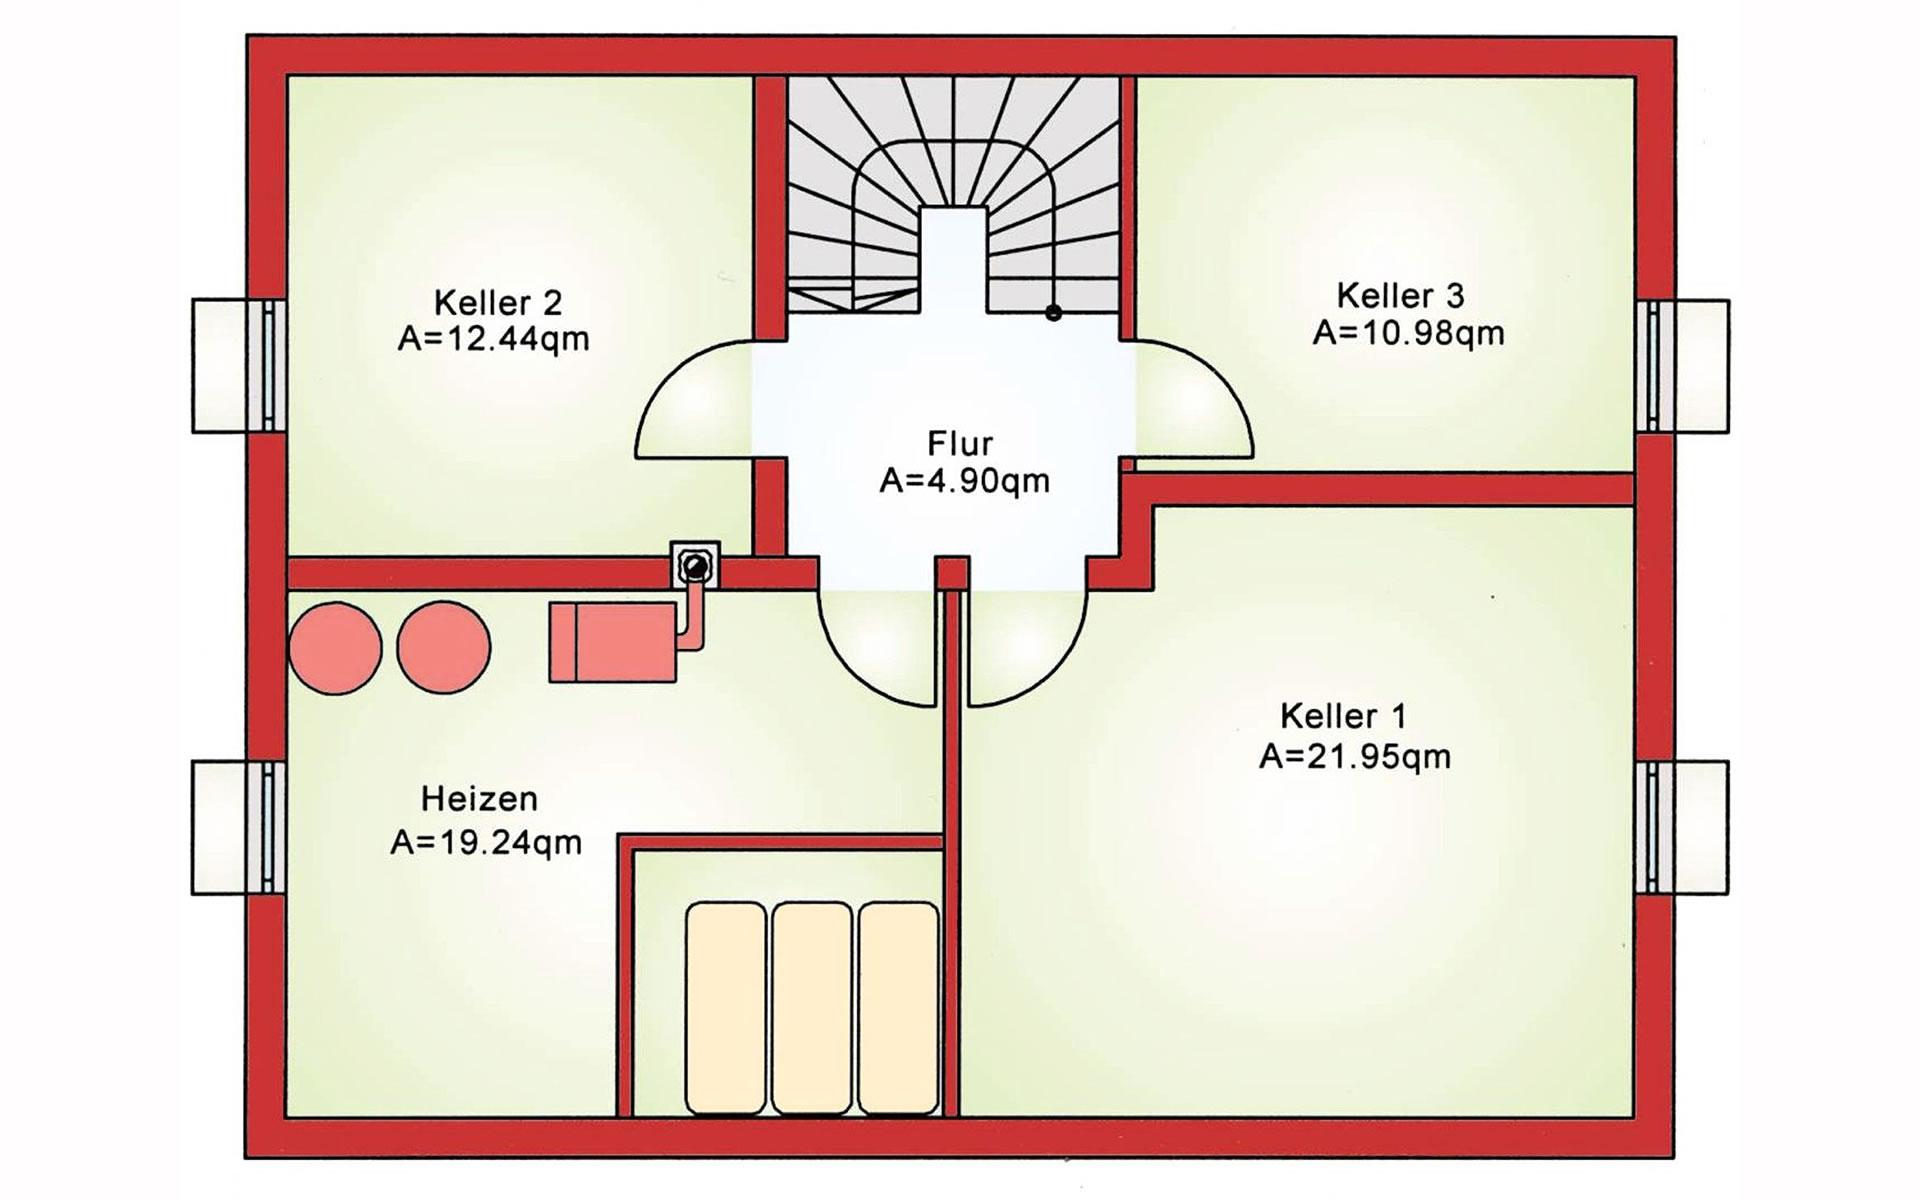 Keller Einfamilienhaus BS 138 von B&S Selbstbausysteme GmbH & Co. KG